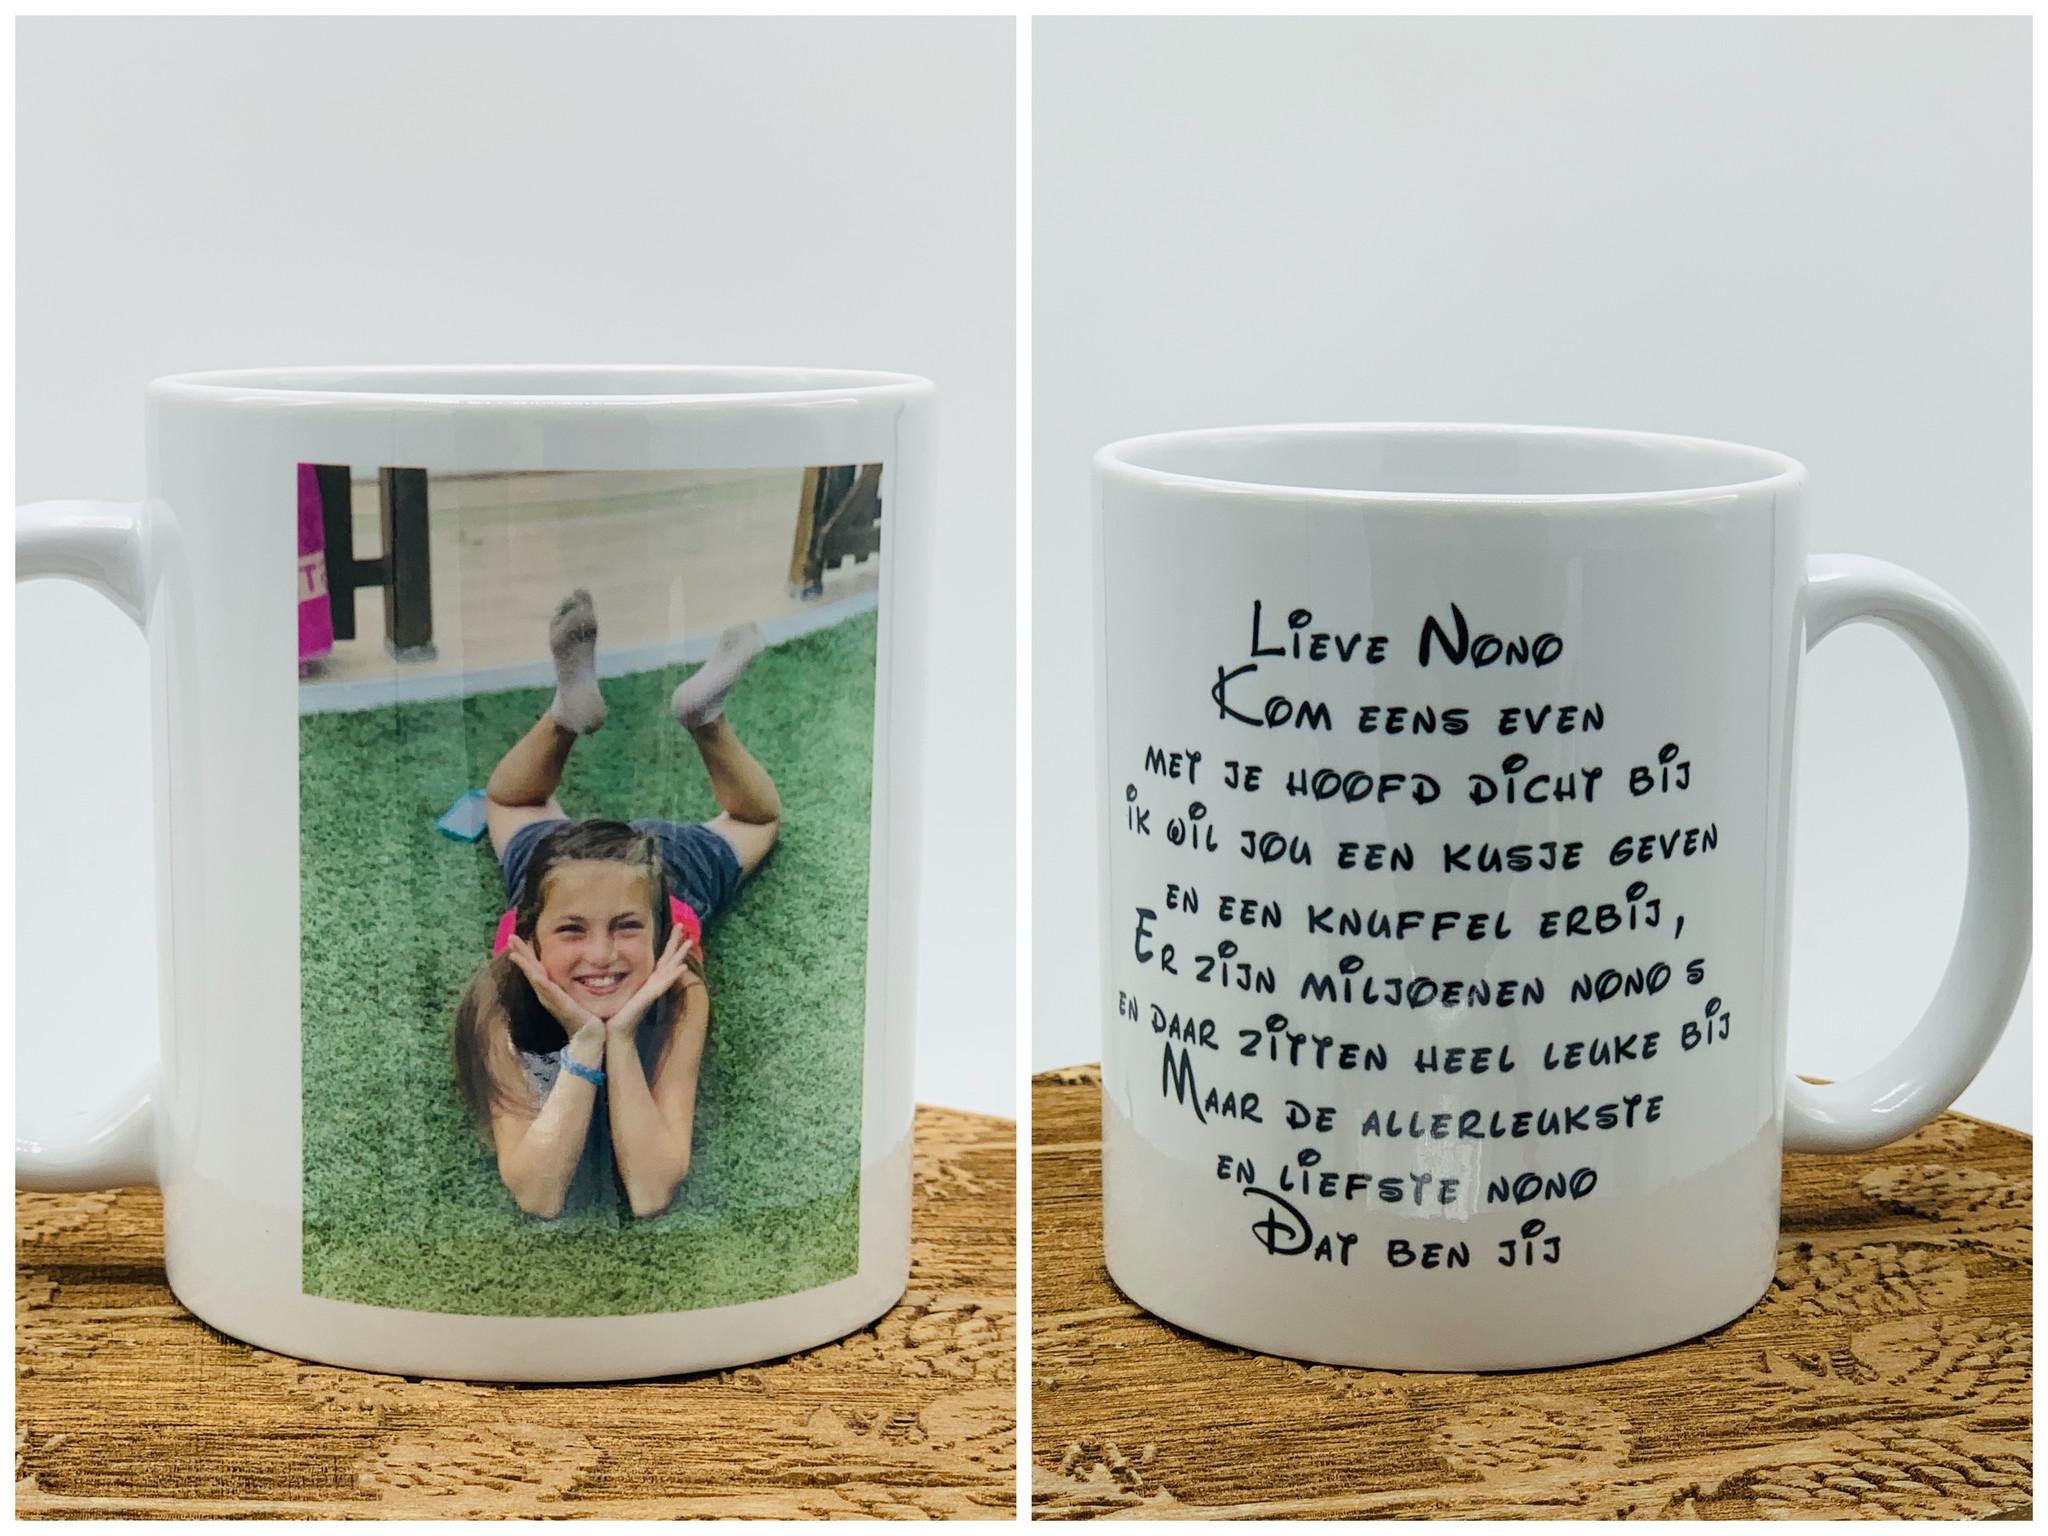 Gepersonaliseerde mokken maken koffie/thee drinken NOG leuker.